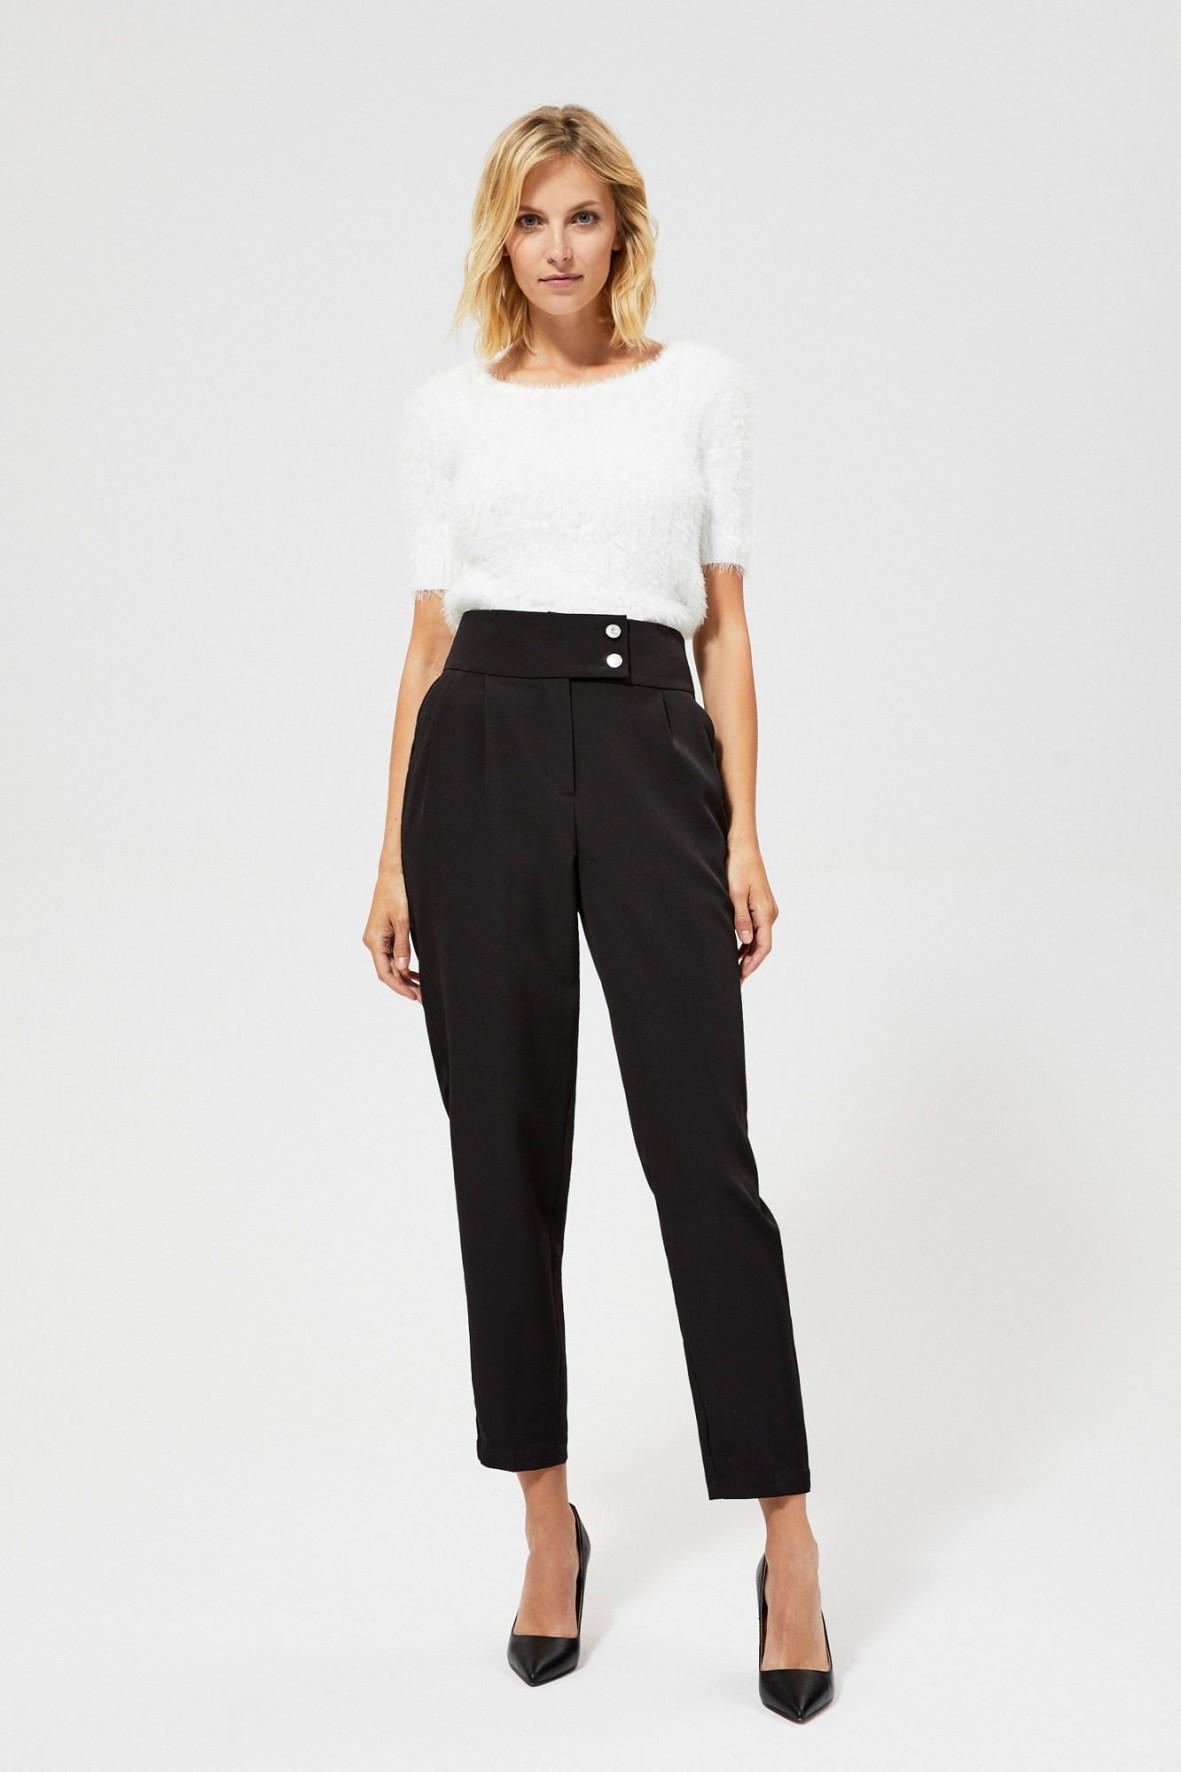 Spodnie dla kobiet- czarne z zakładkami